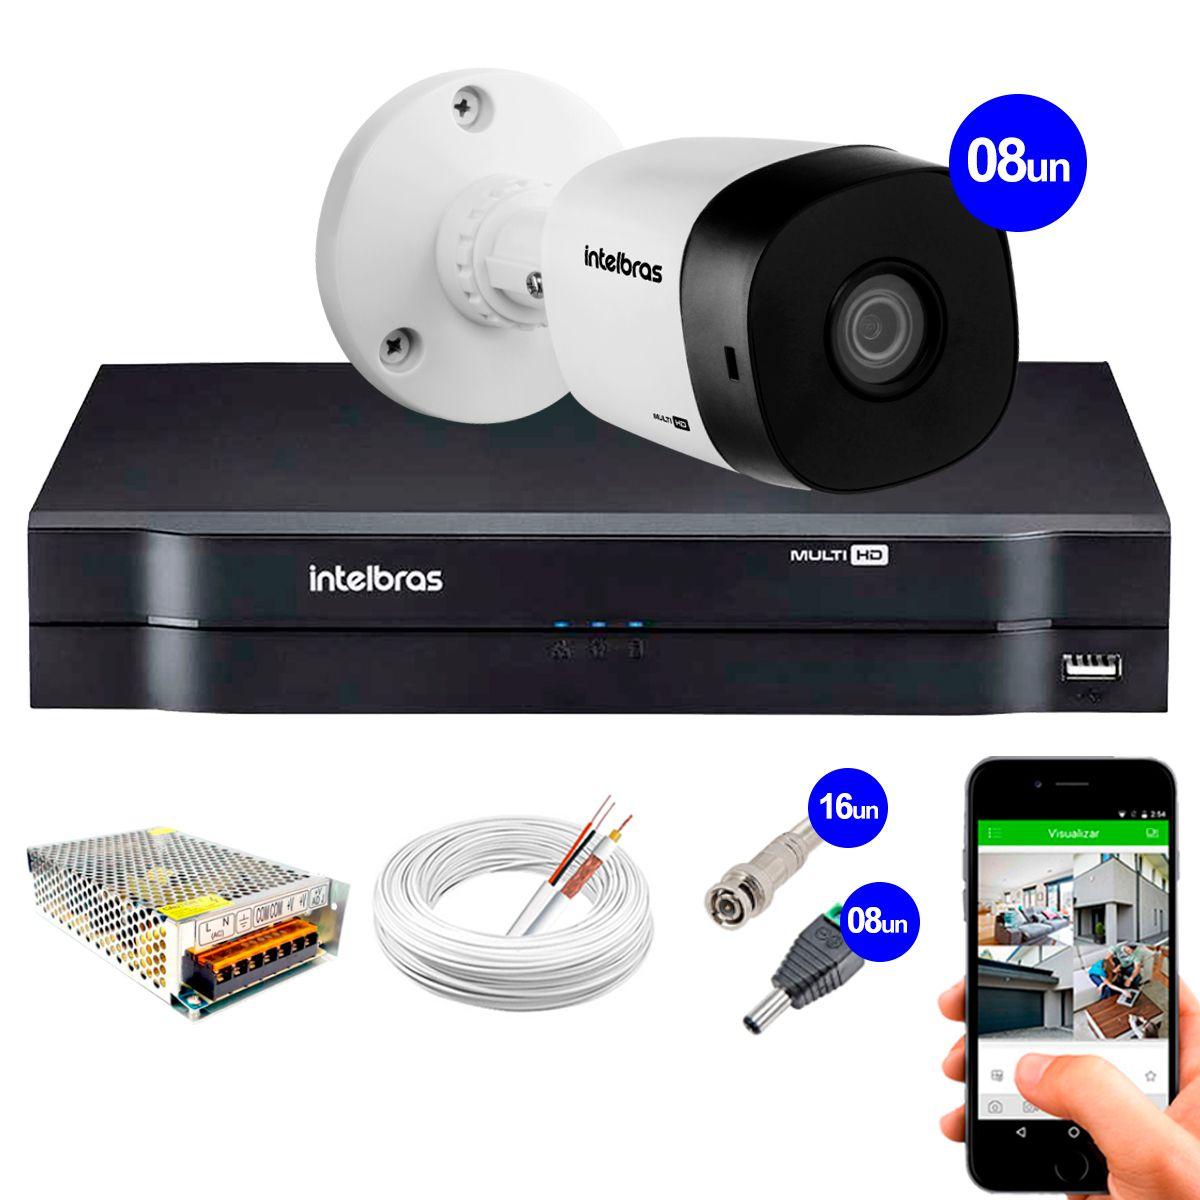 Kit 8 Câmeras VHD 1120 B G5 + DVR Intelbras + App Grátis de Monitoramento, Câmeras HD 720p 20m Infravermelho de Visão Noturna Intelbras + Fonte, Cabos e Acessórios  - Tudo Forte